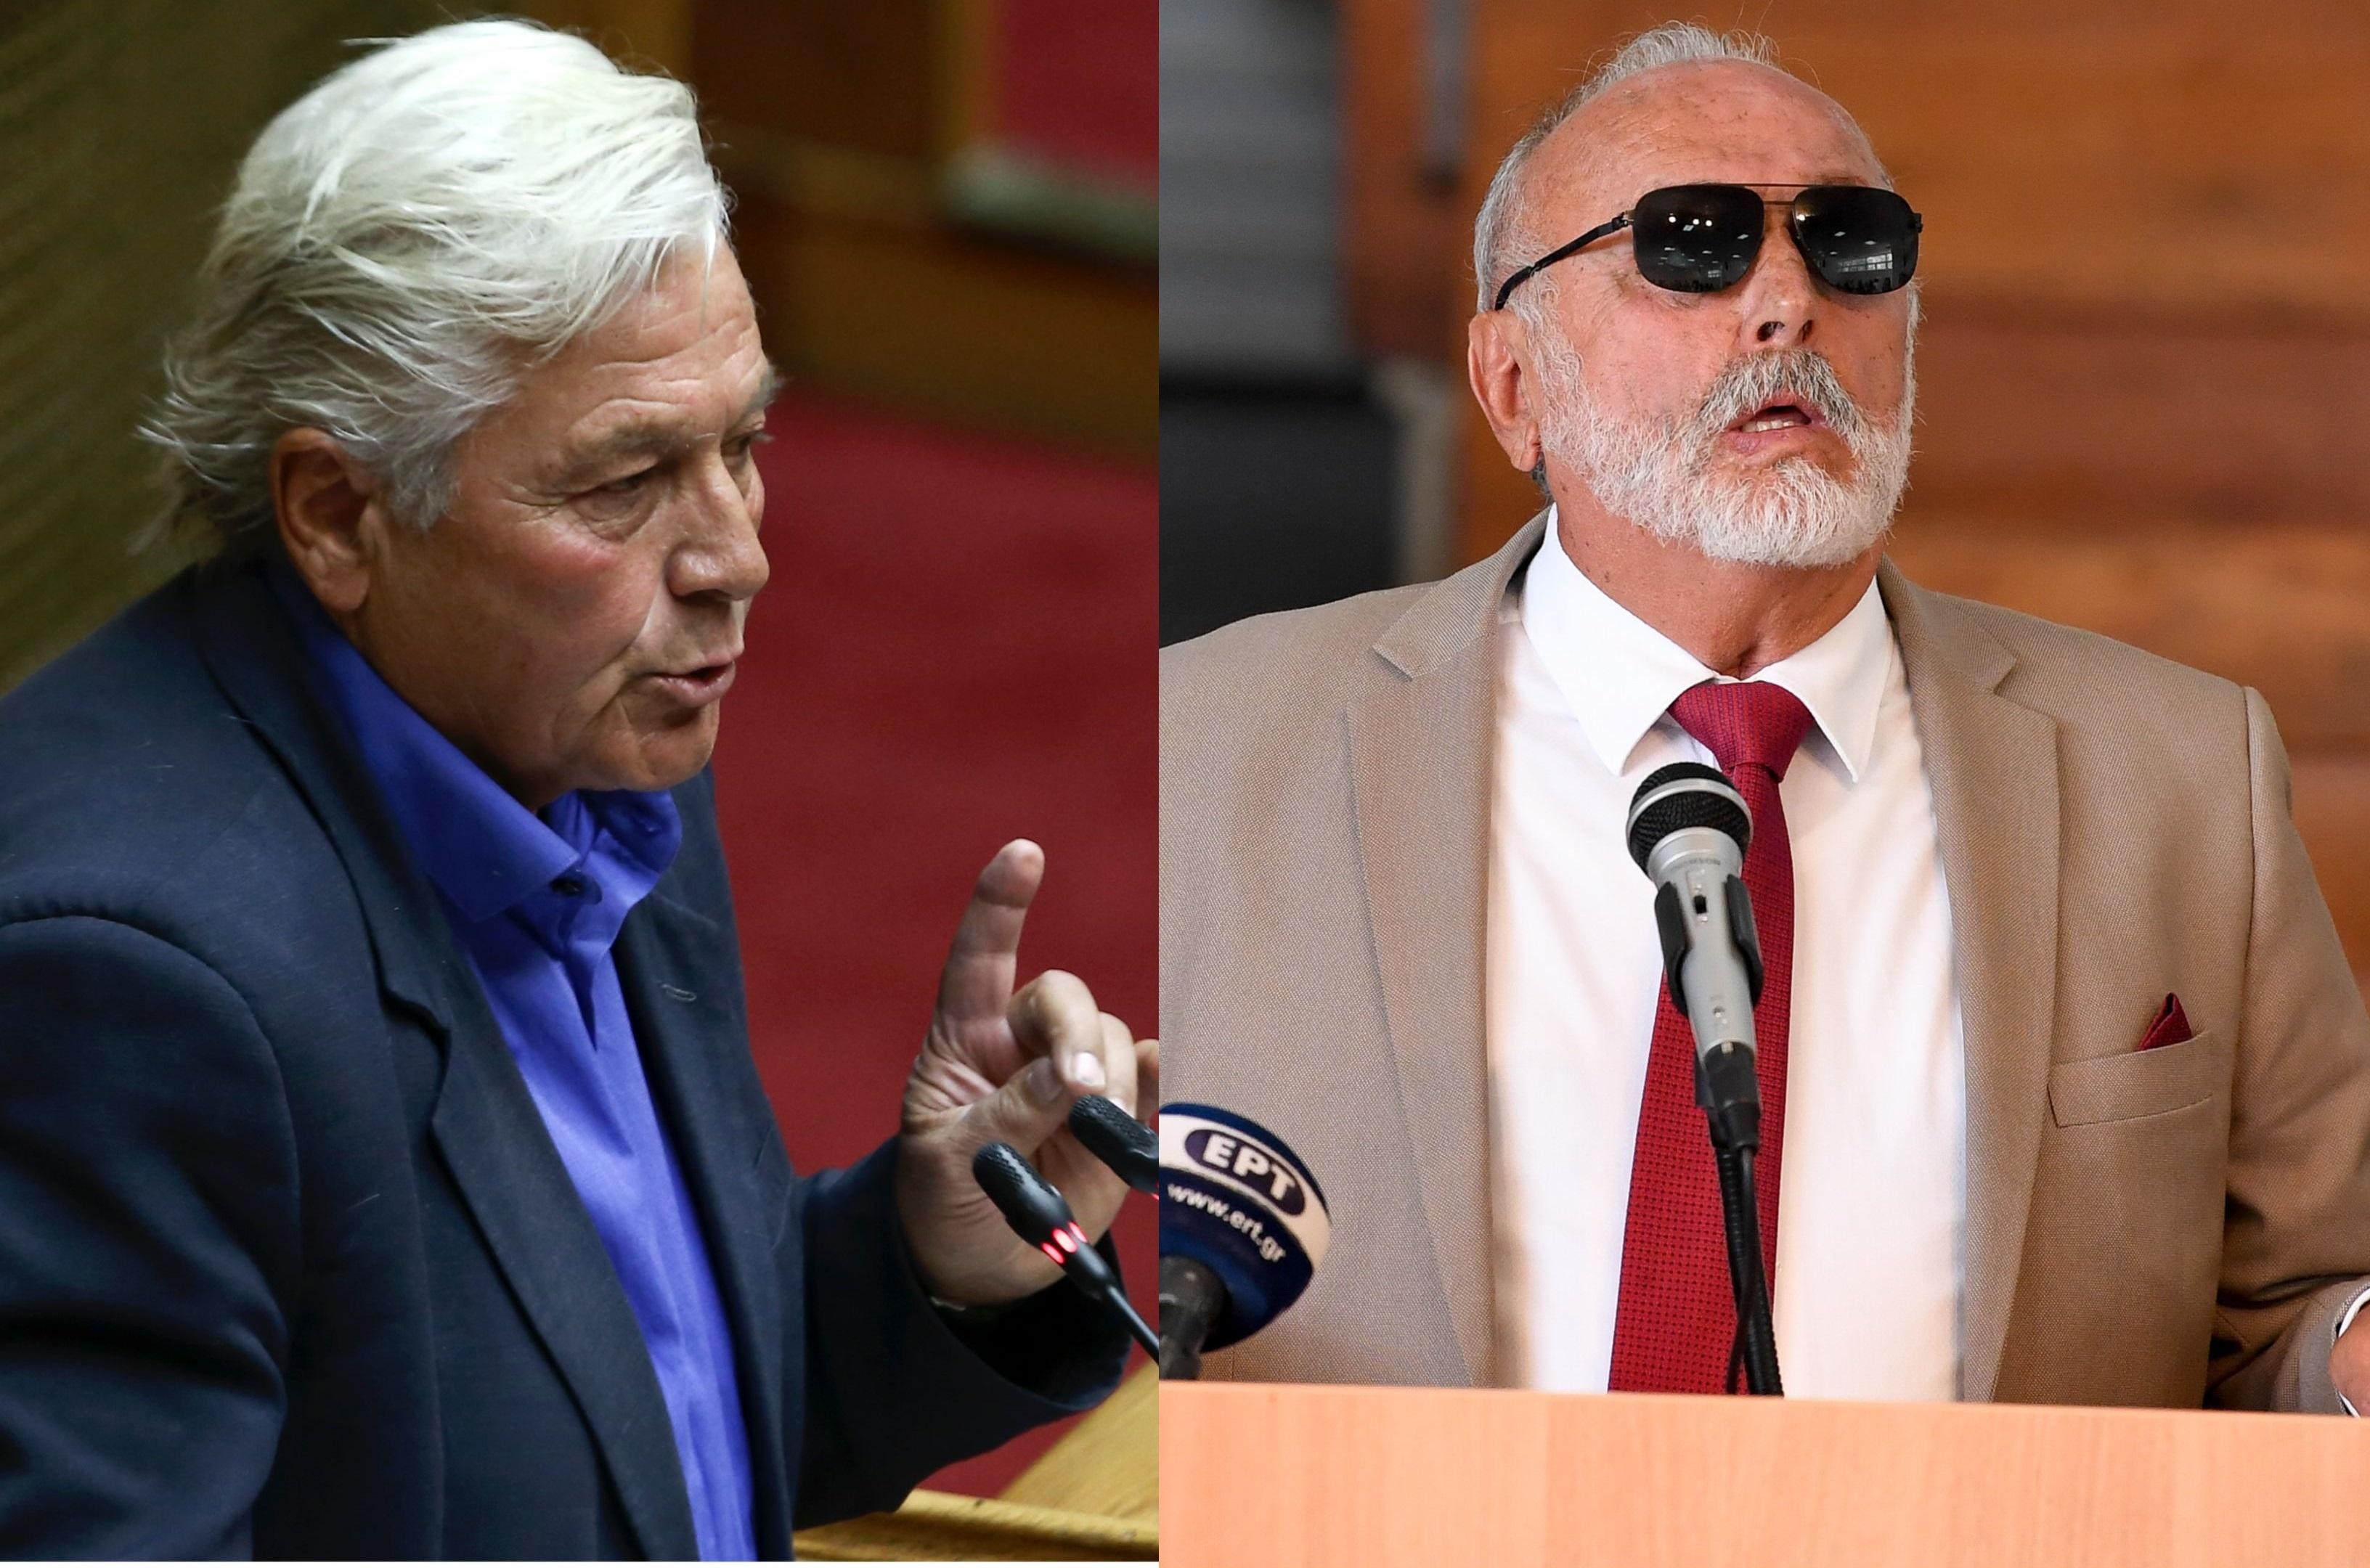 Τέλος στο θρίλερ ανάμεσα σε Κουρουμπλή – Παπαχριστόπουλο! Ποιος κέρδισε την τελευταία έδρα του ΣΥΡΙΖΑ